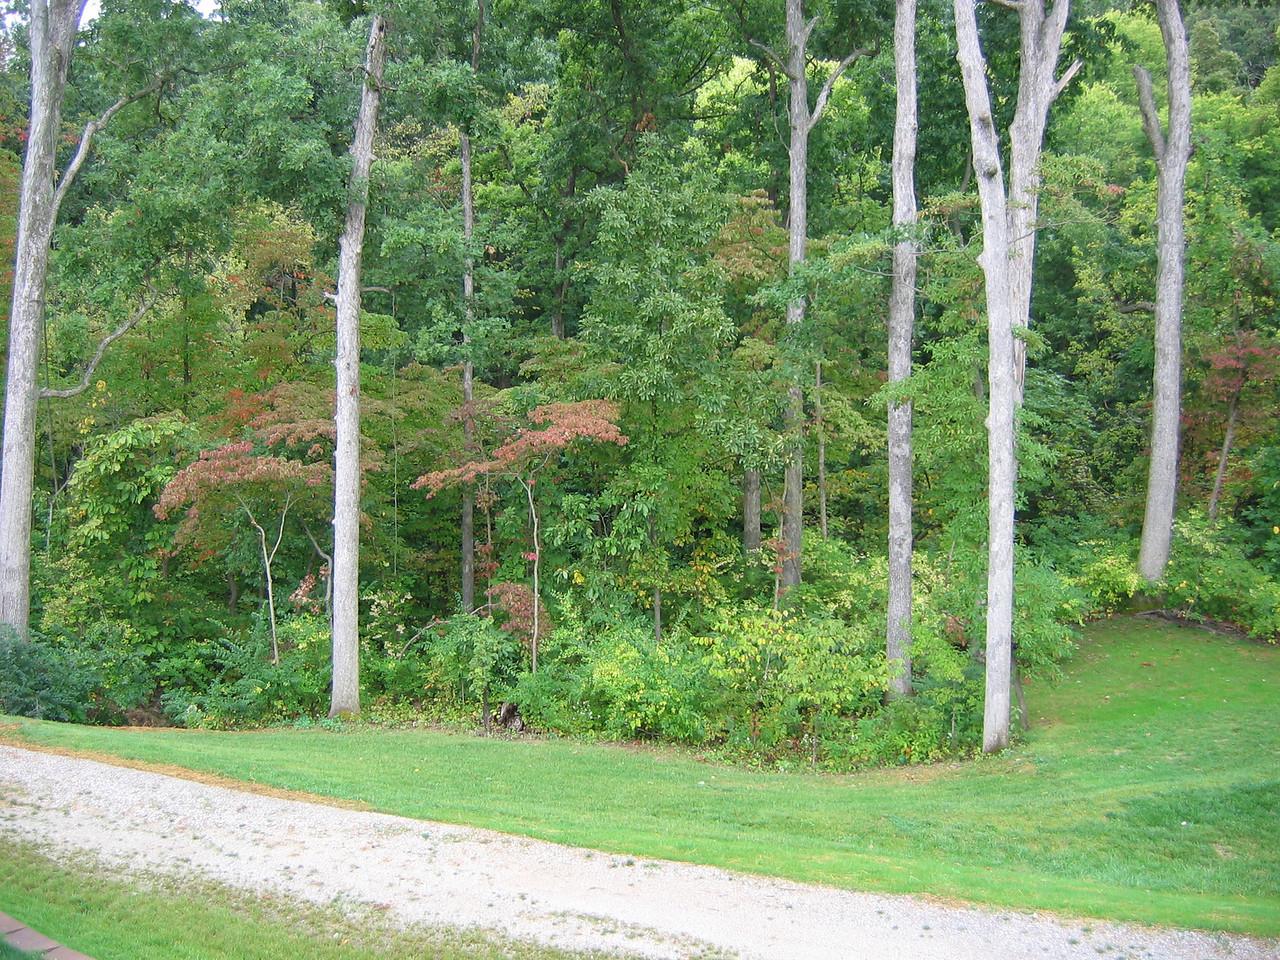 Trail/Common Ground September 23, 2006